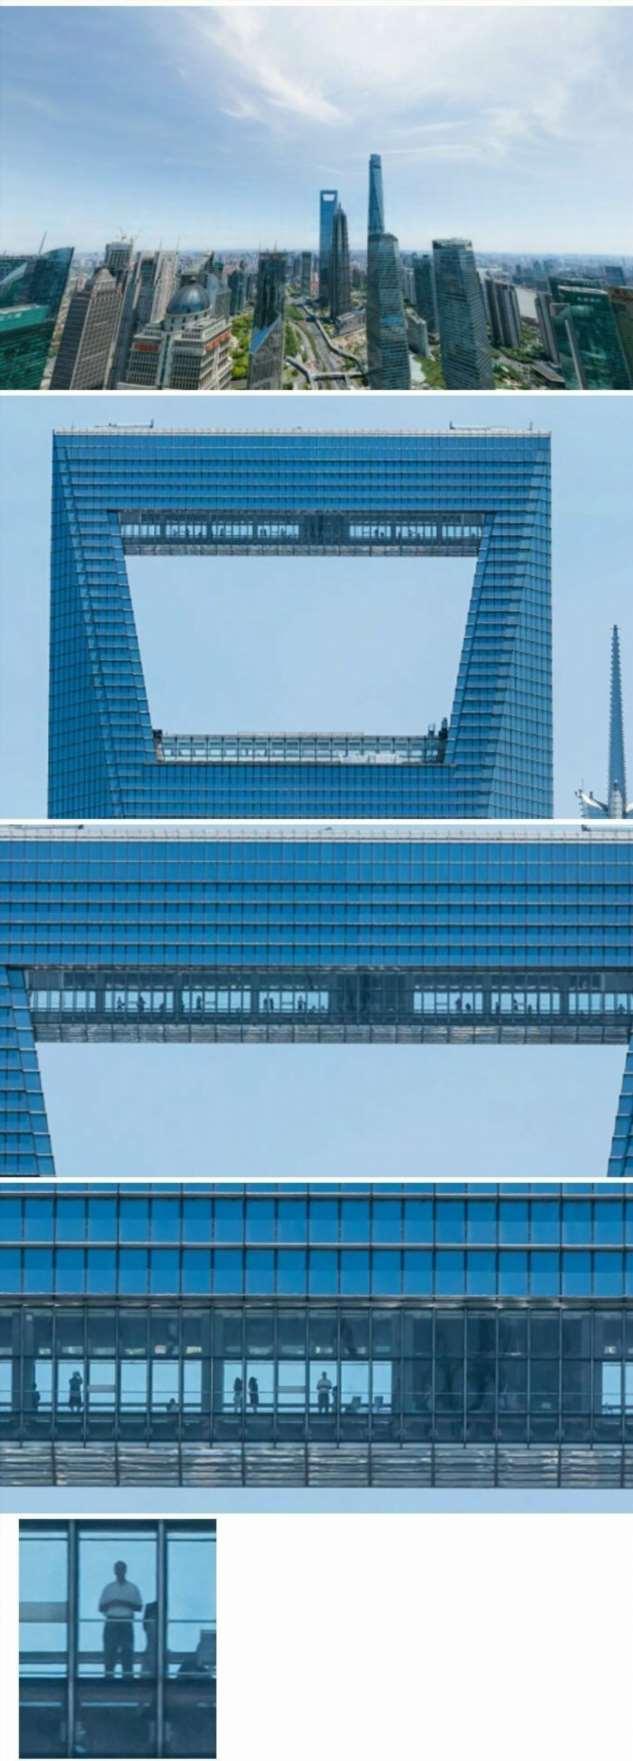 Кто-то сделал 195-гигапиксельную панораму Шанхая, и люди находят в нем забавные вещи  Интересное